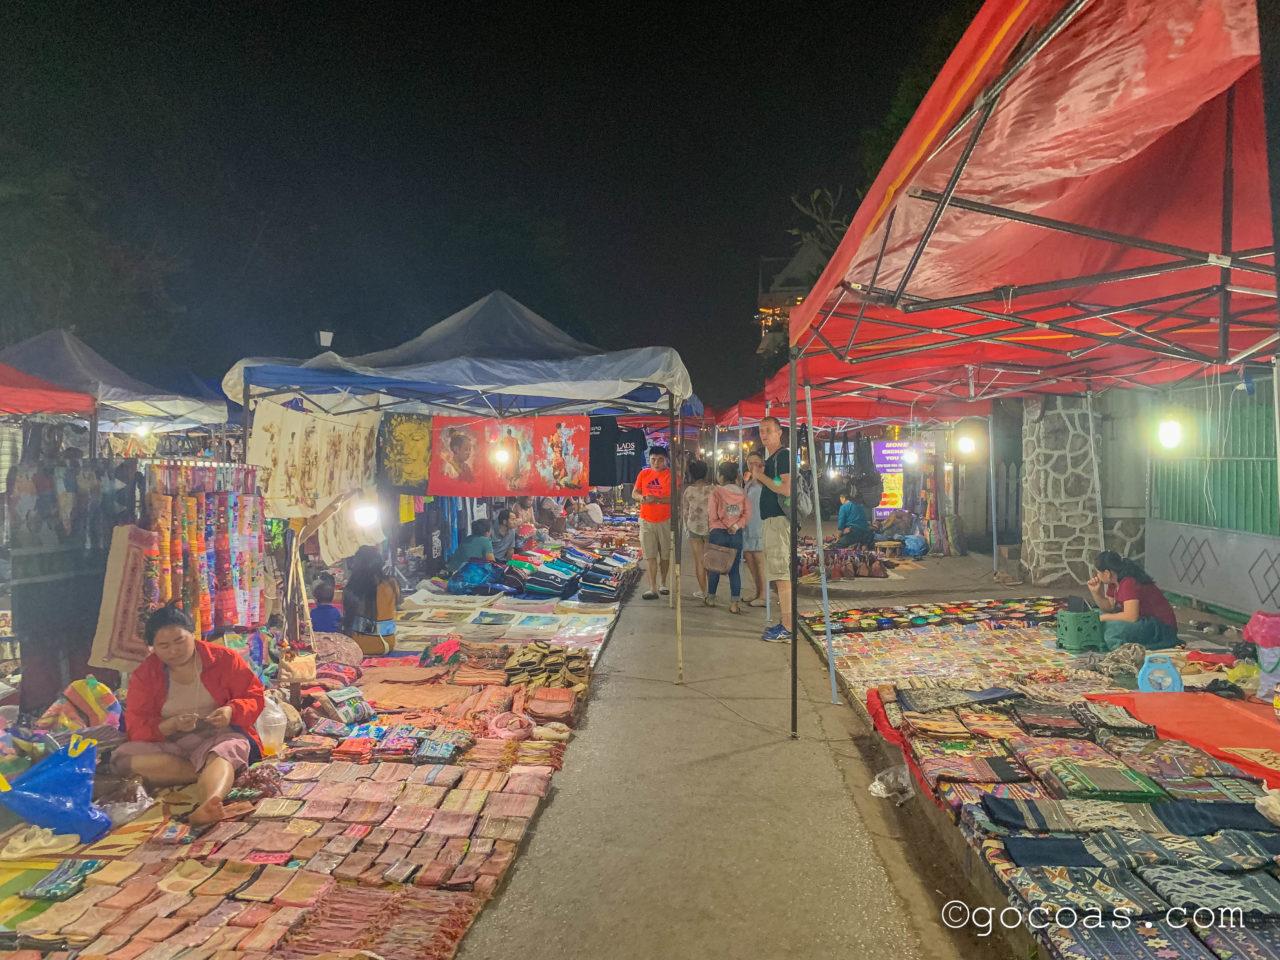 ルアンパバーンのナイトマーケットで並ぶお土産の屋台